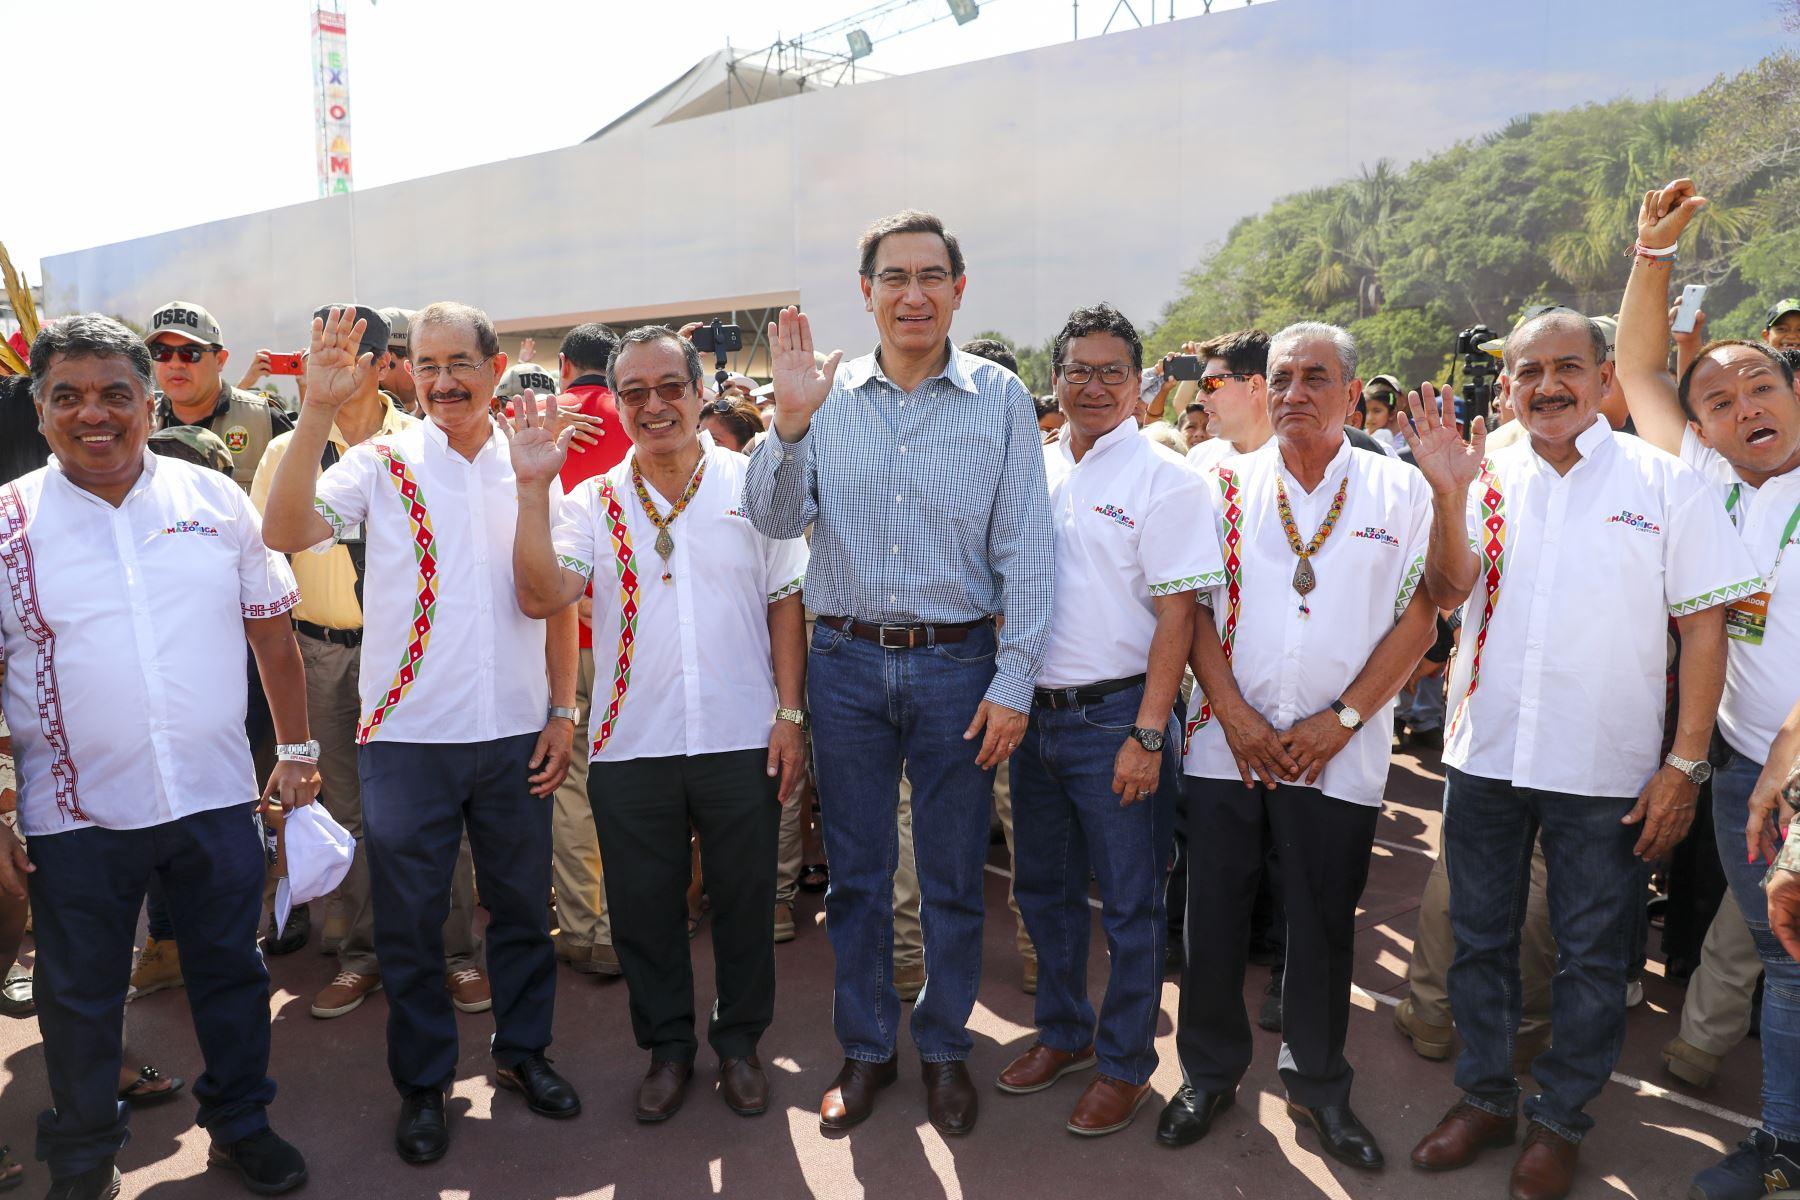 El presidente de la república Martin Vizcarra, clausura la Expo Amazónica 2019 en Iquitos.  Foto: ANDINA/Prensa Presidencia